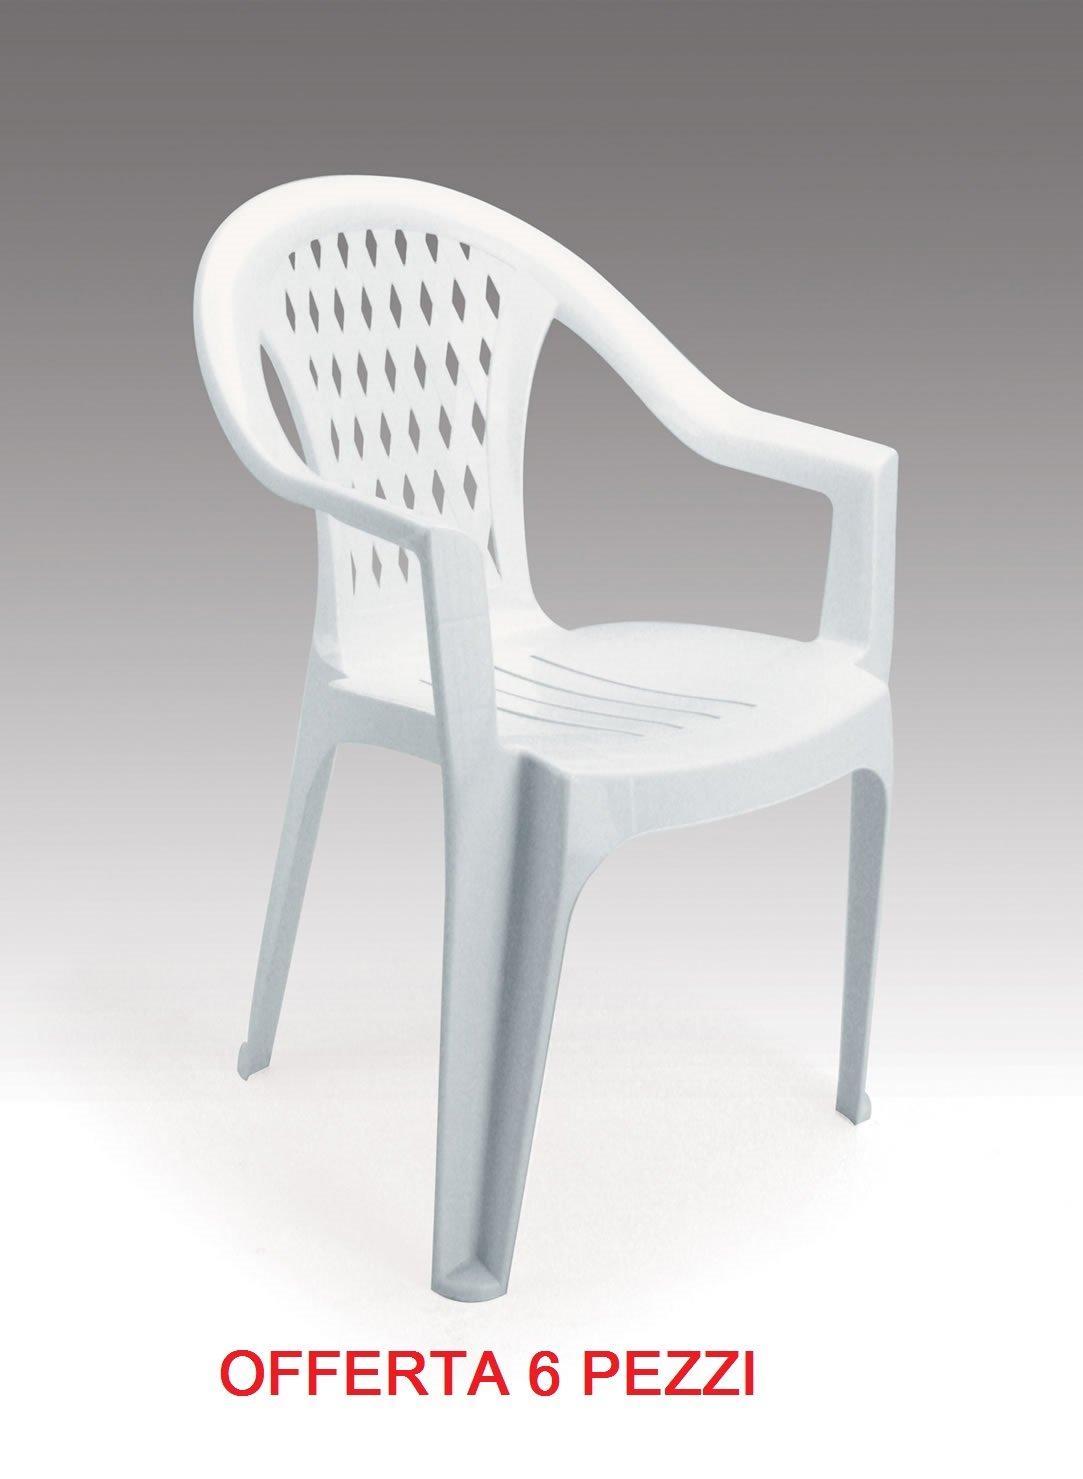 Silla sillón de jardín económica de plástico/resina Pack de 6 unidades oferta: Amazon.es: Jardín